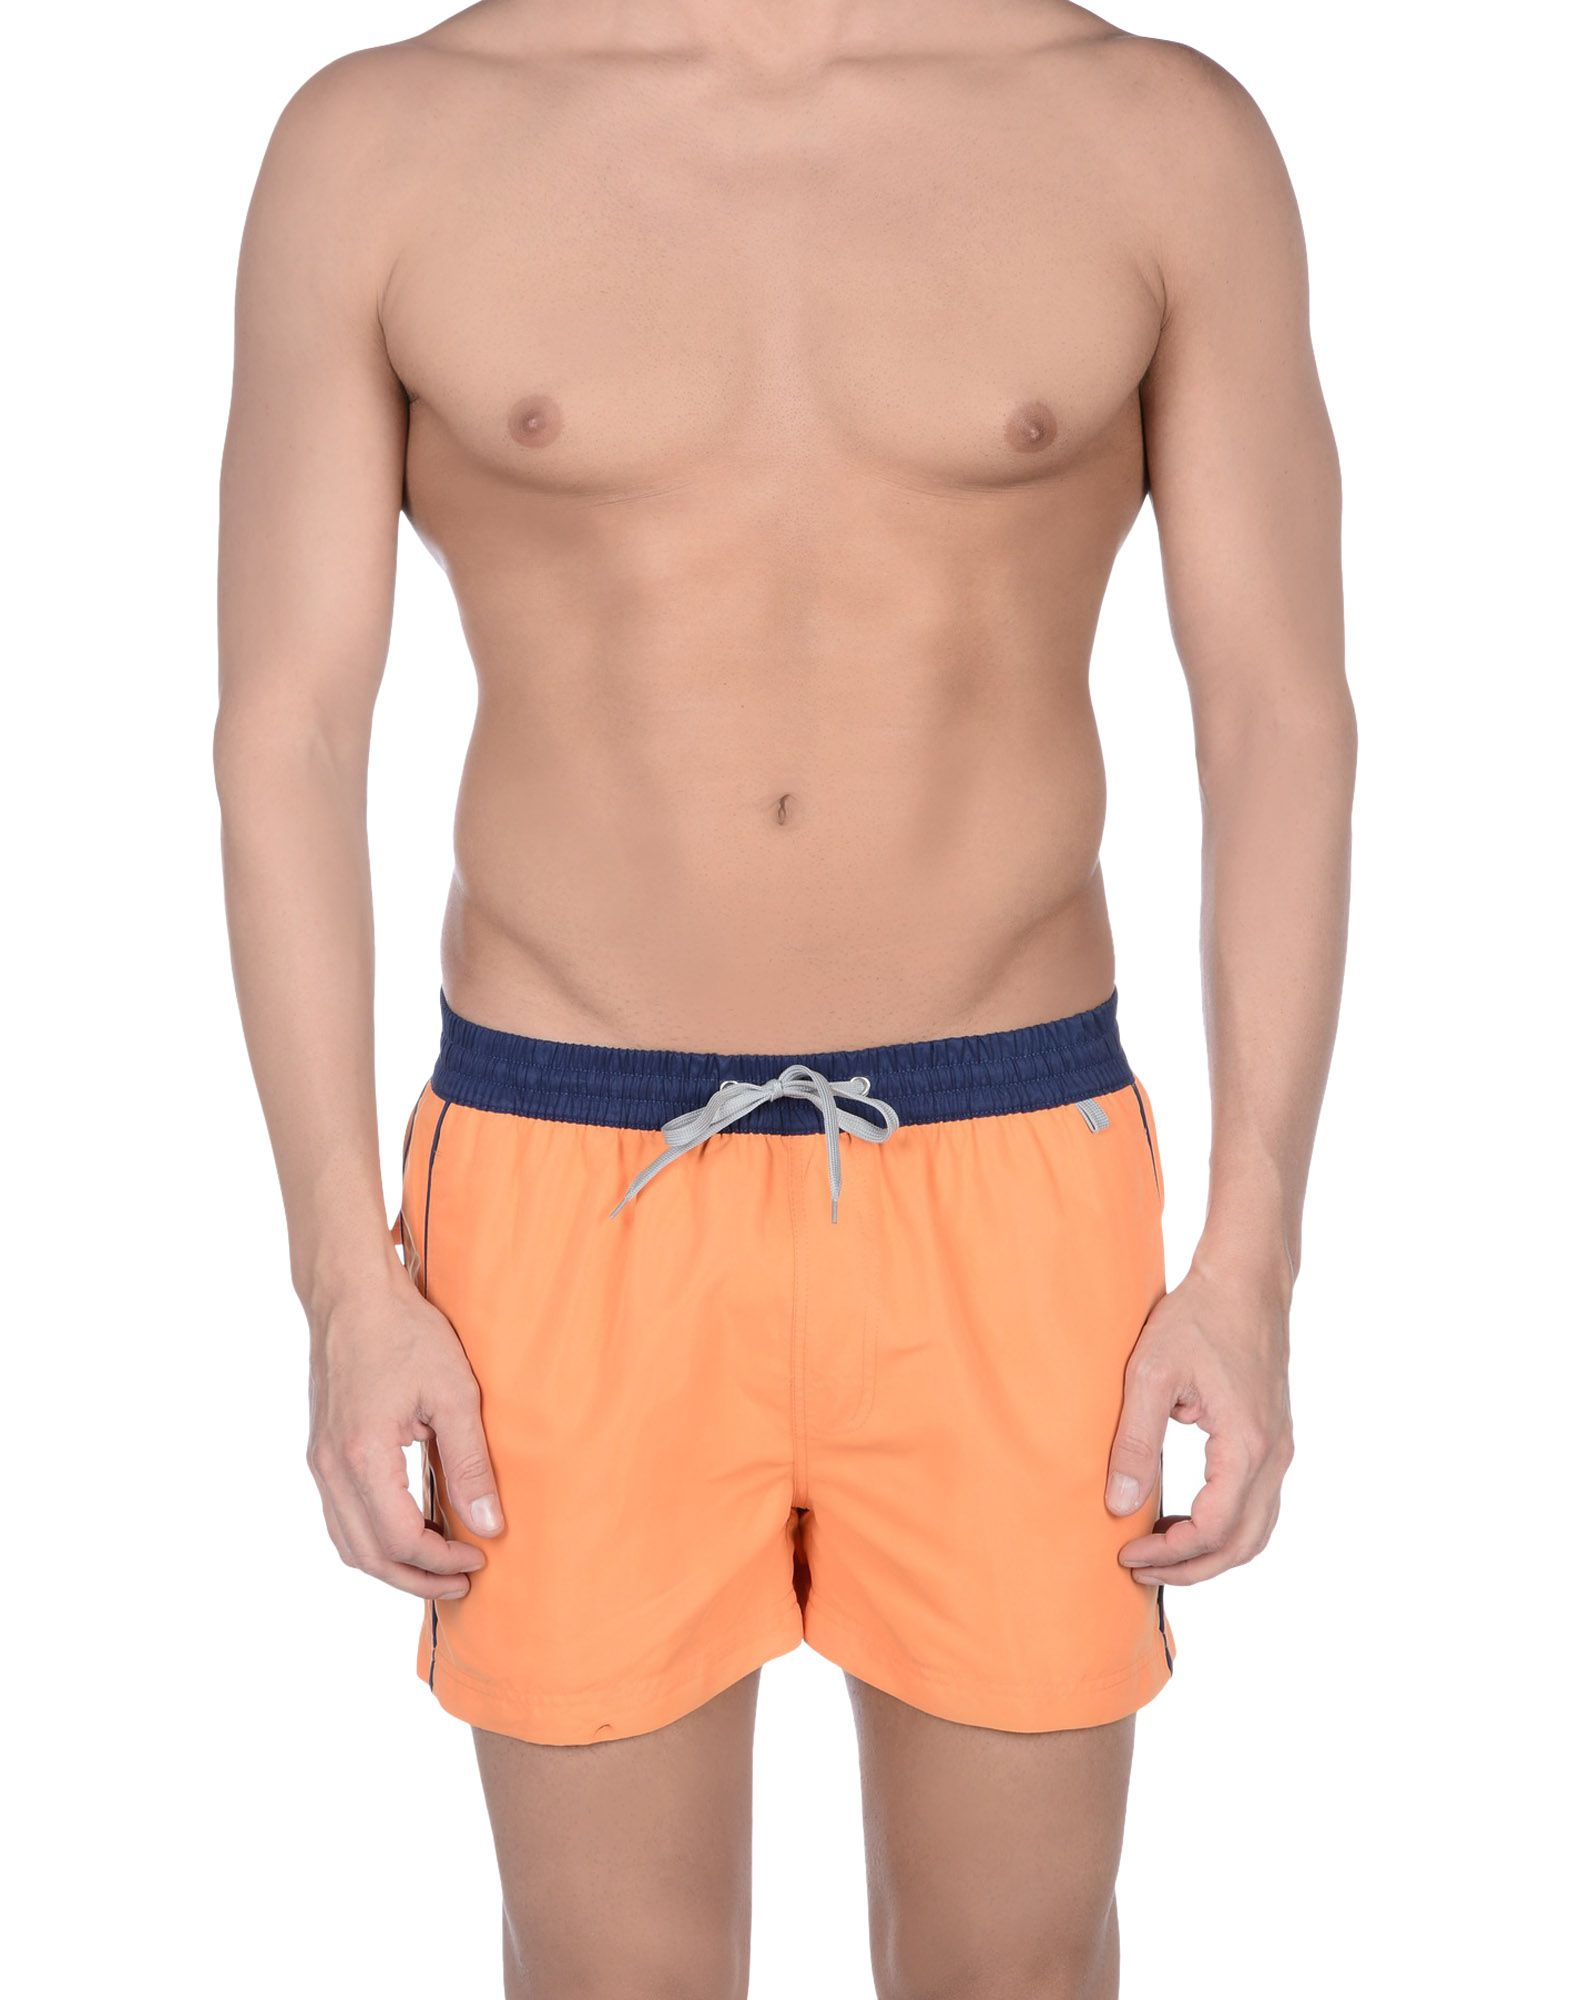 ELEMAR Herren Badeboxer Farbe Orange Größe 3